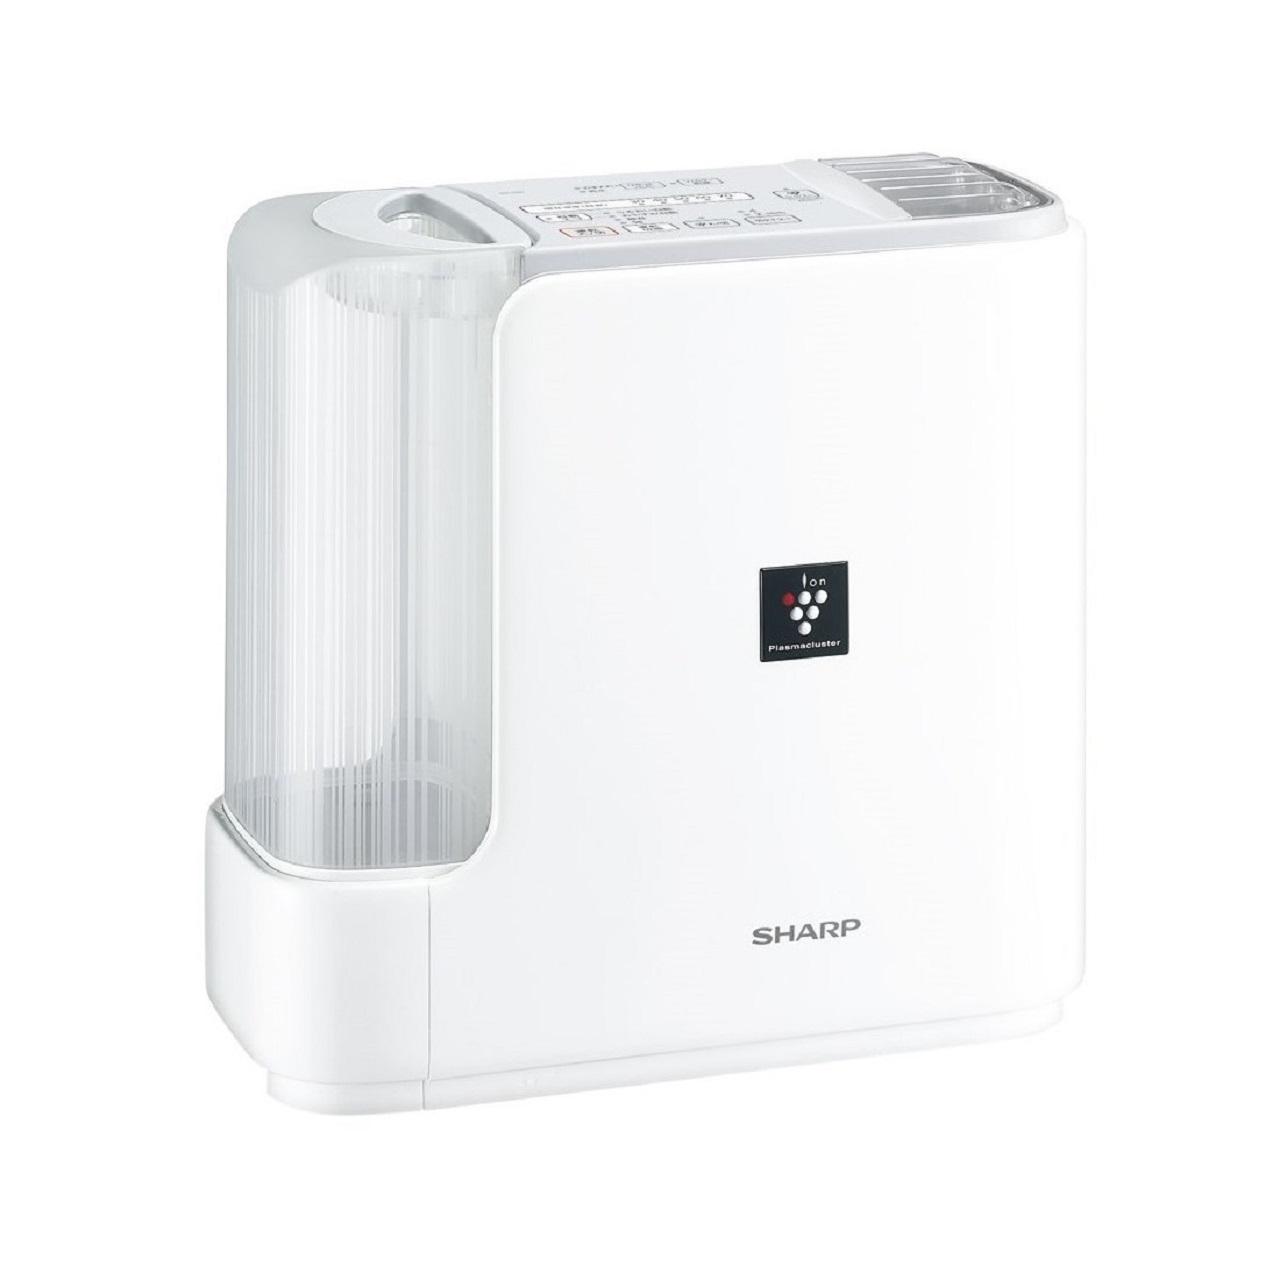 シャープHV-G50ハイブリッド式加湿器